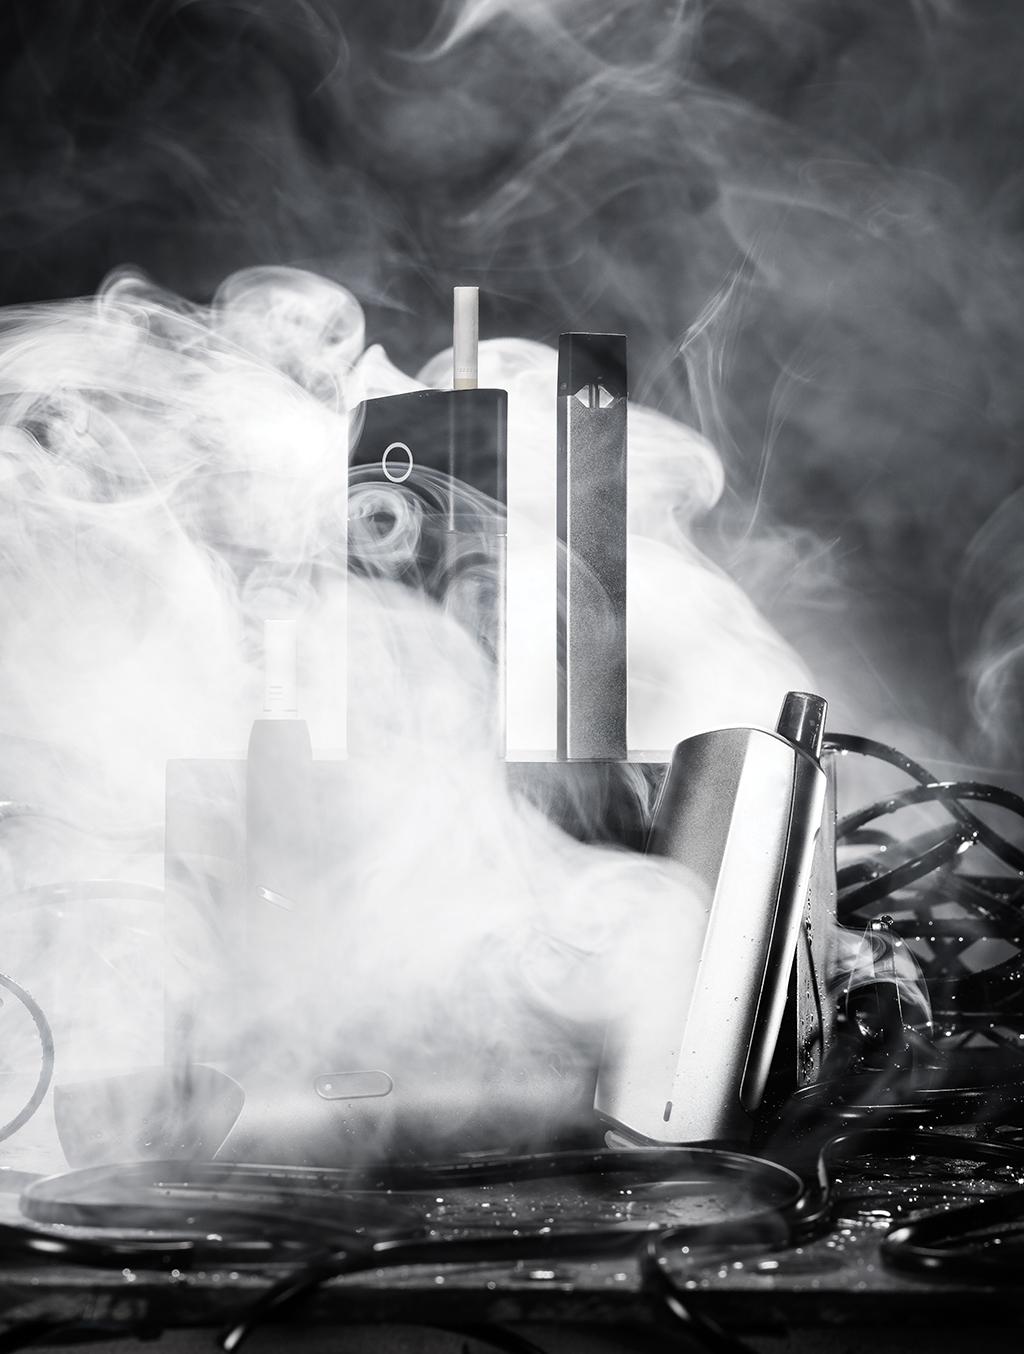 Pesquisas recentes mostram que o vapor de nicotina dos eletrônicos causa câncer de pulmão em ratos de laboratório.